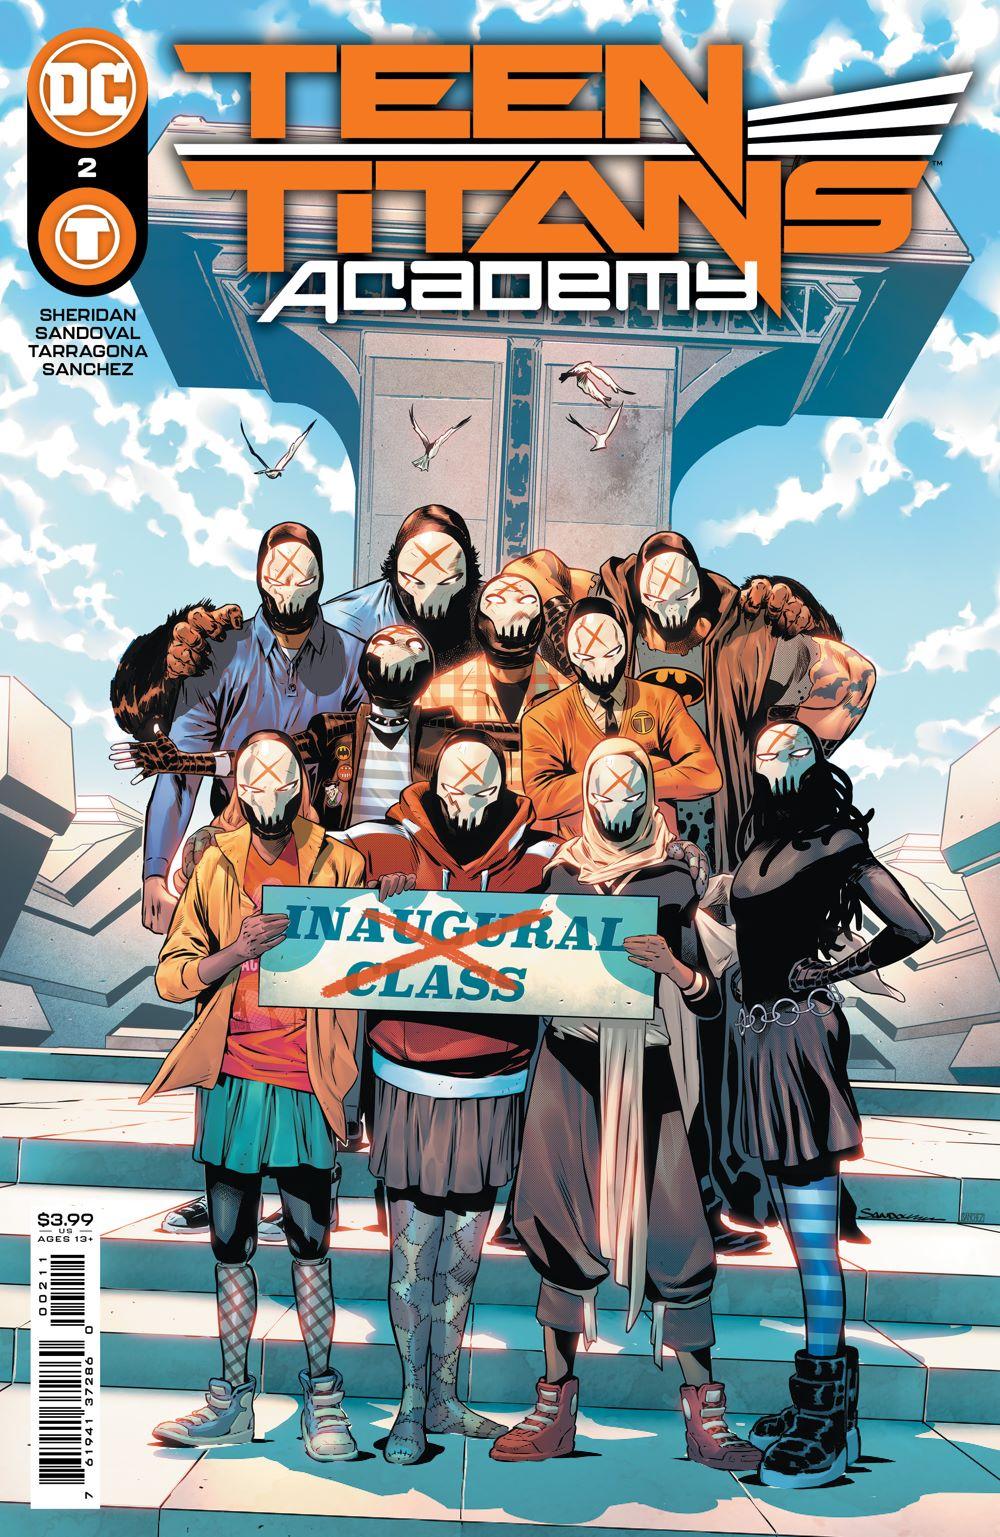 TT_ACADEMY_Cv2 DC Comics April 2021 Solicitations